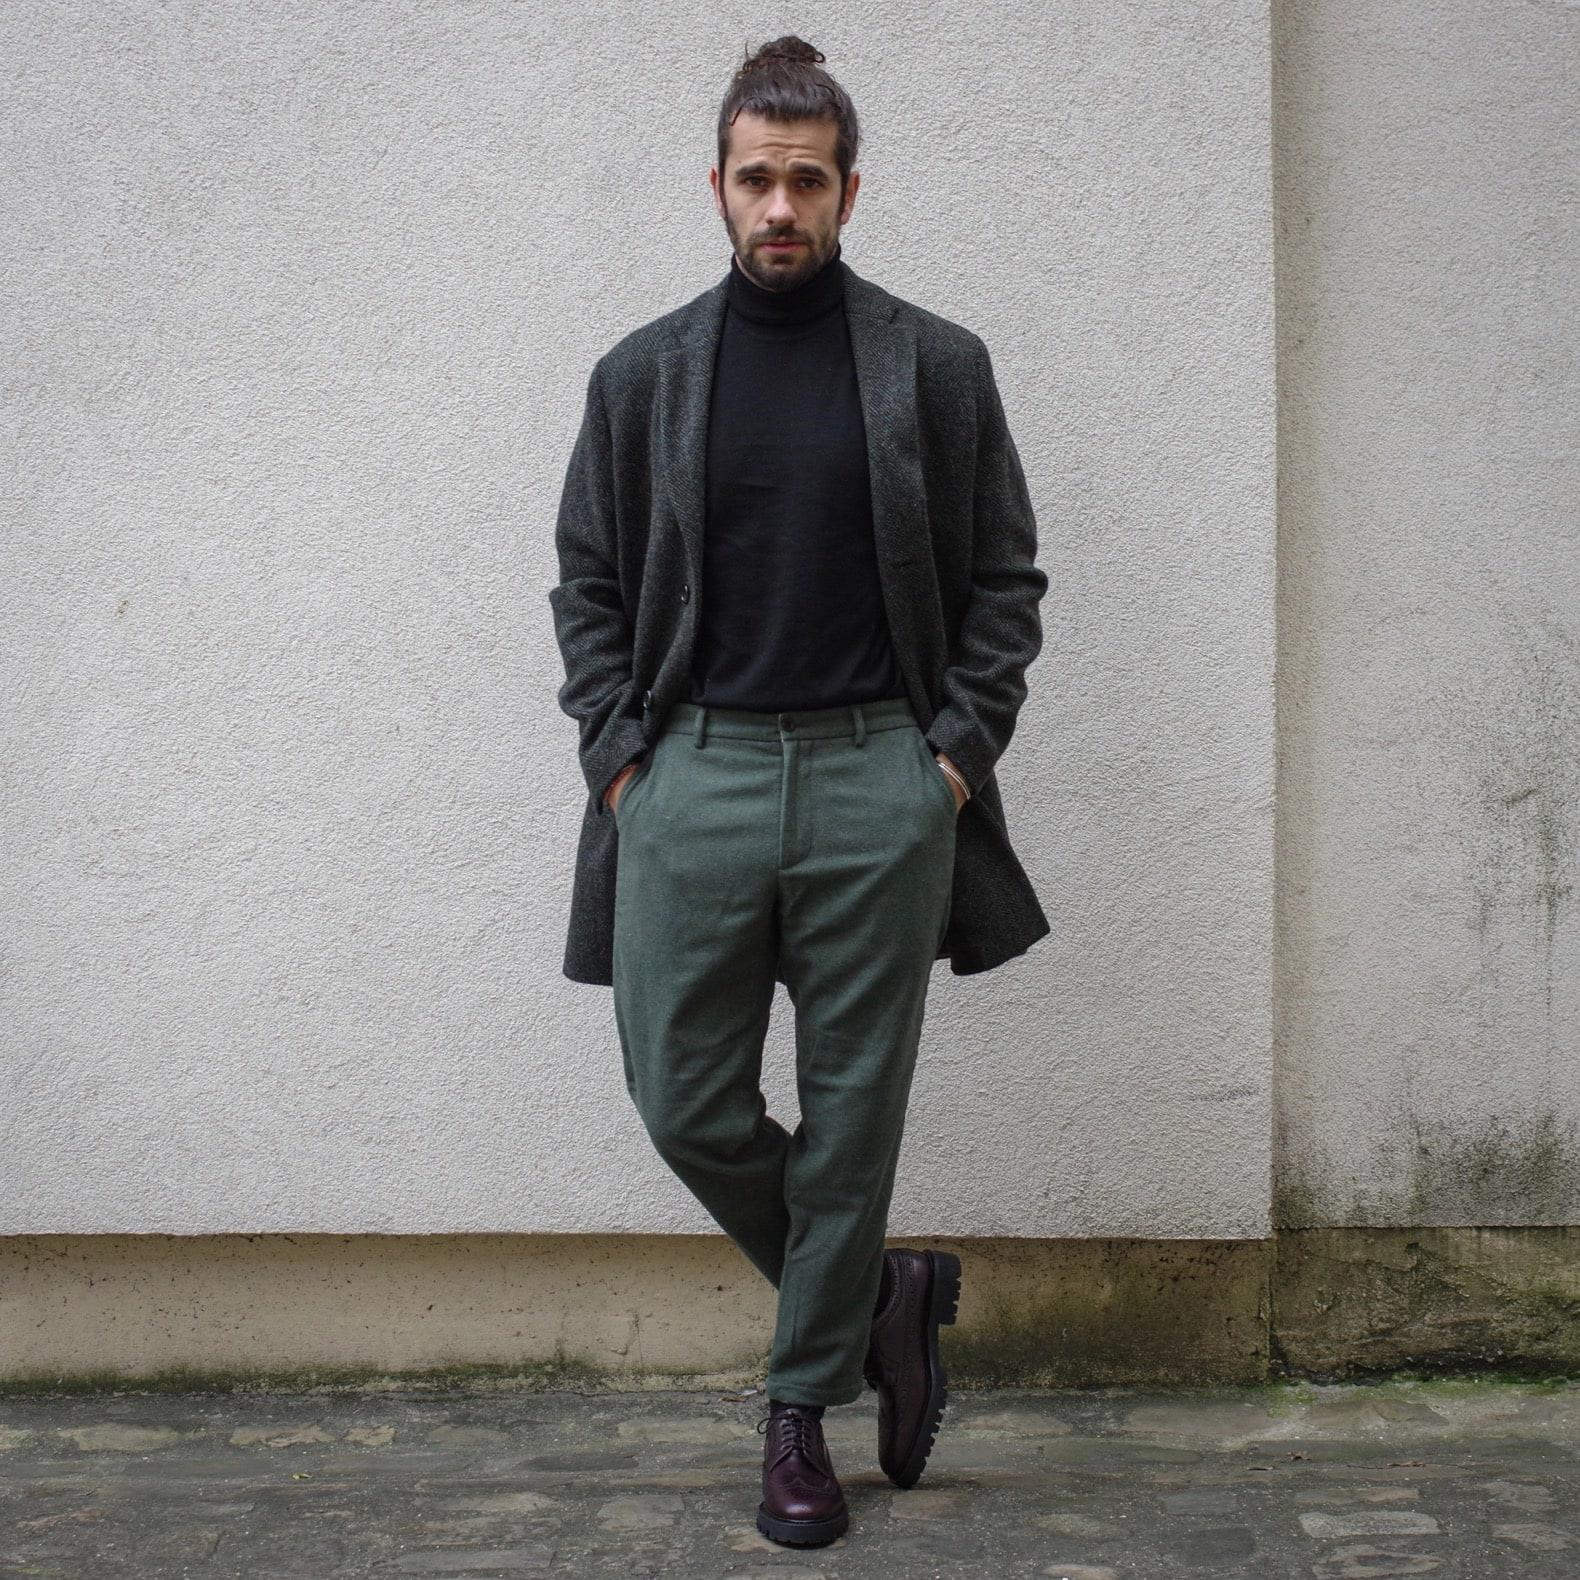 comment porter un pull col roulé noir dans une tenue masculine et élégante